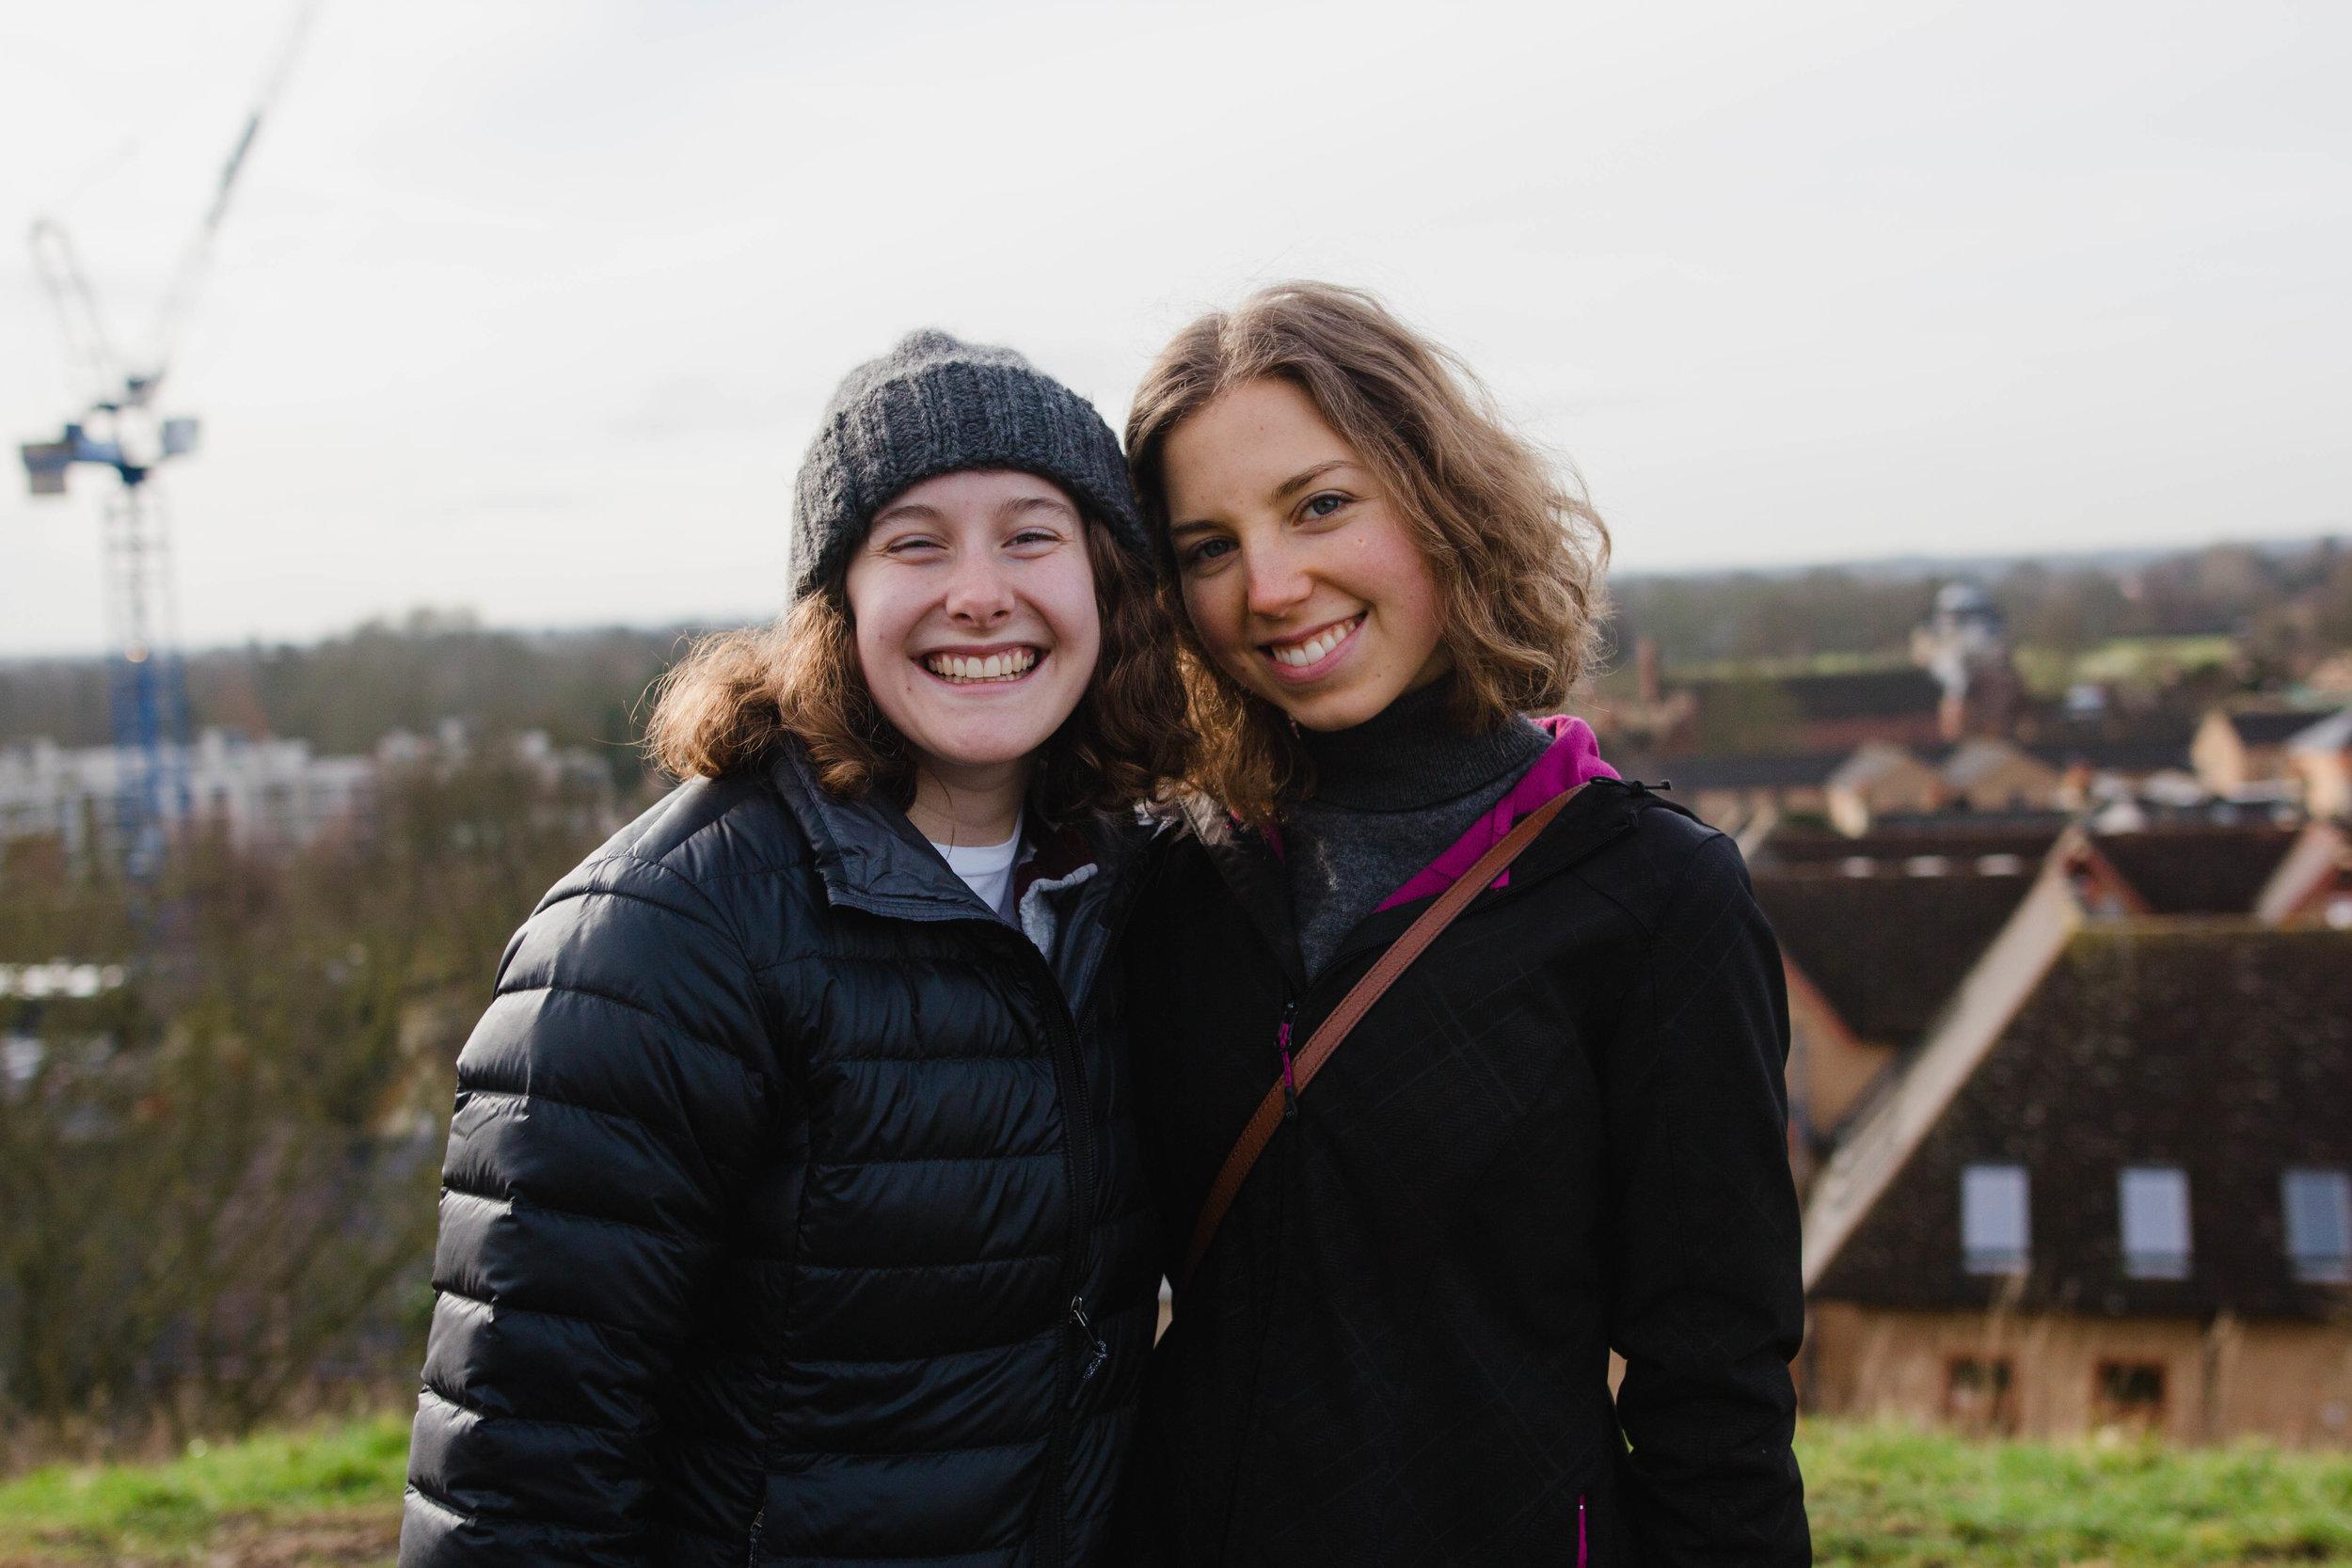 Ellie & Sarah